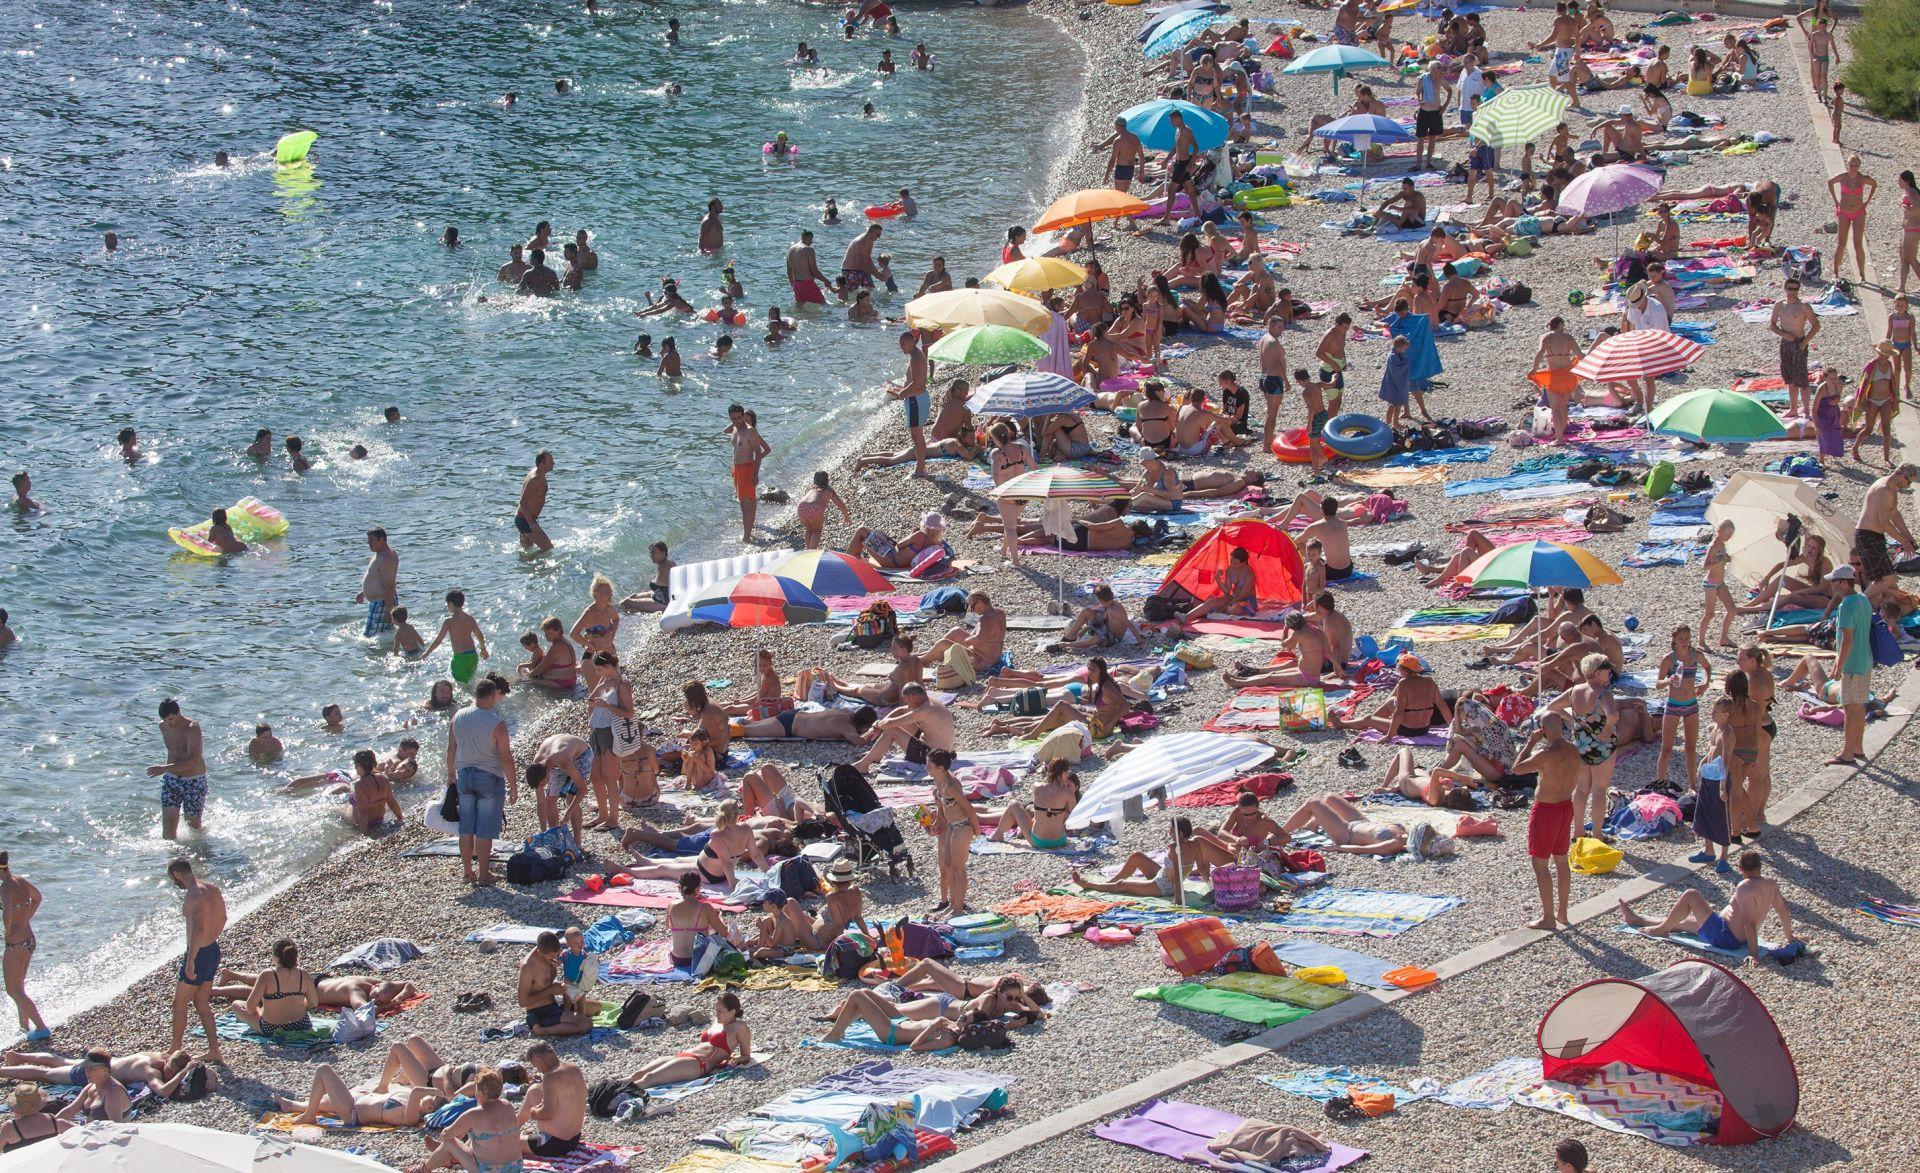 LALOVAC TRAŽI ODGOVORE Turista više, a izdanih računa manje